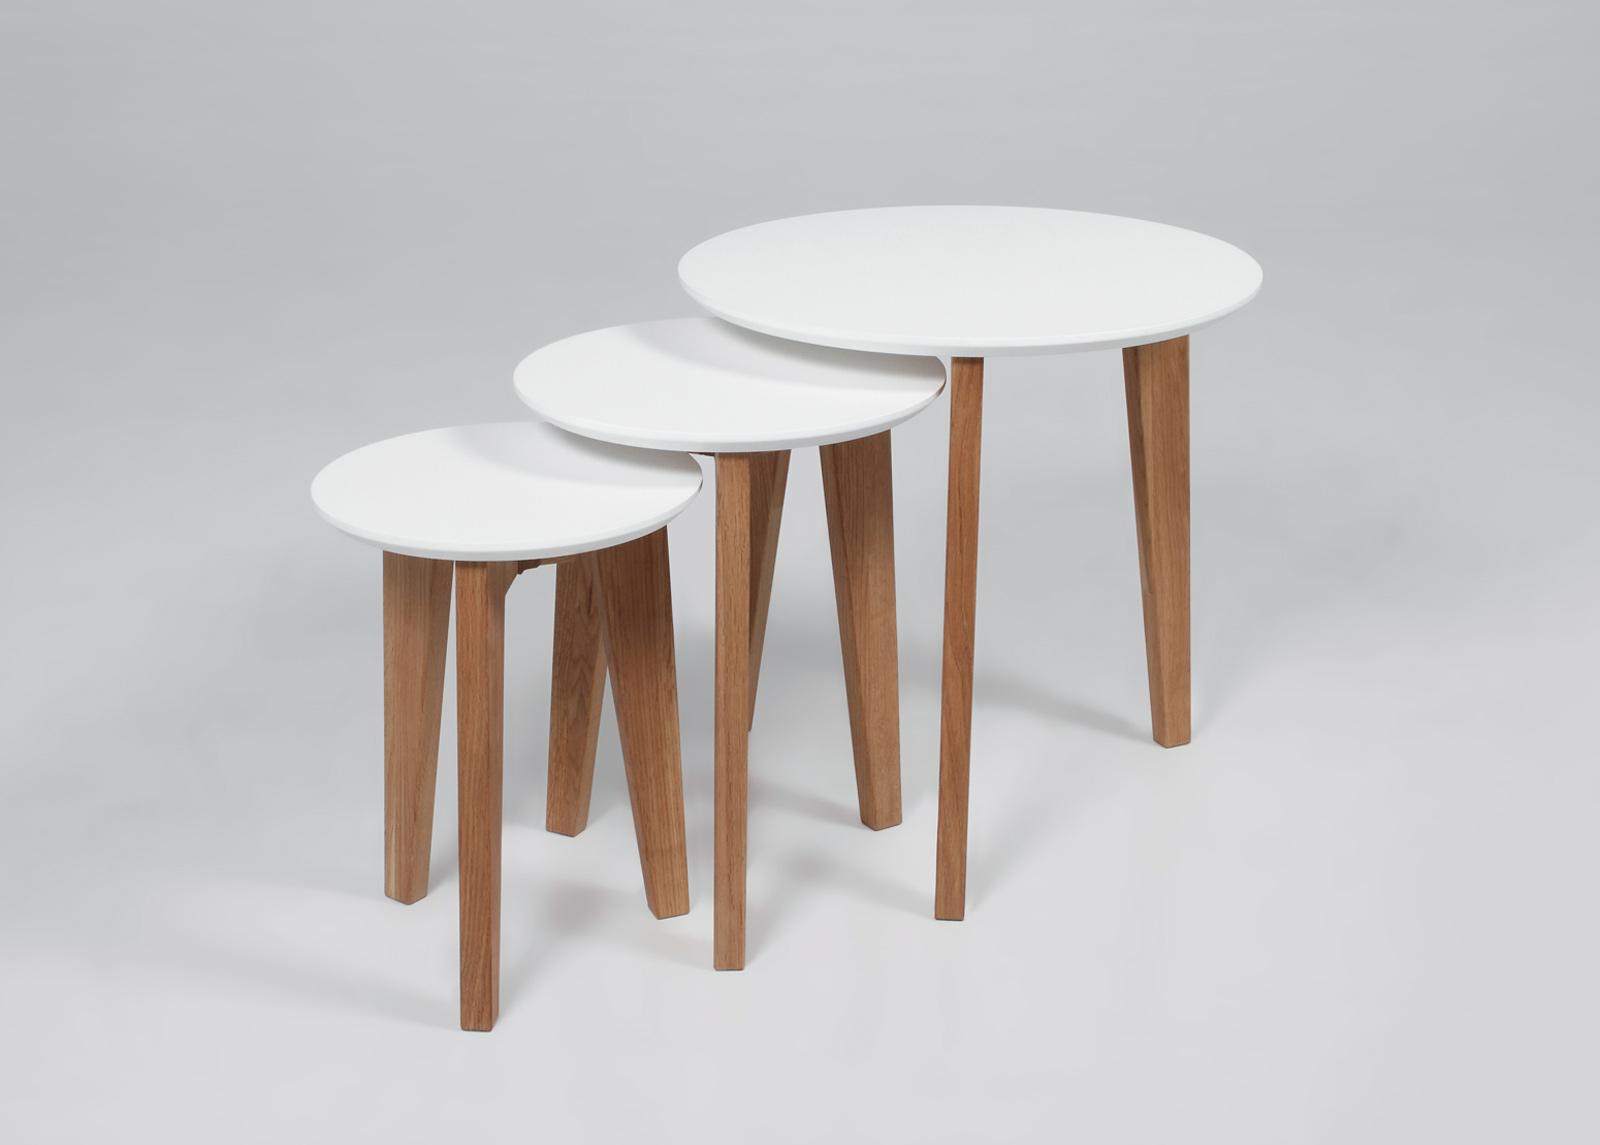 Sohvapöydät ABIN, 3 kpl